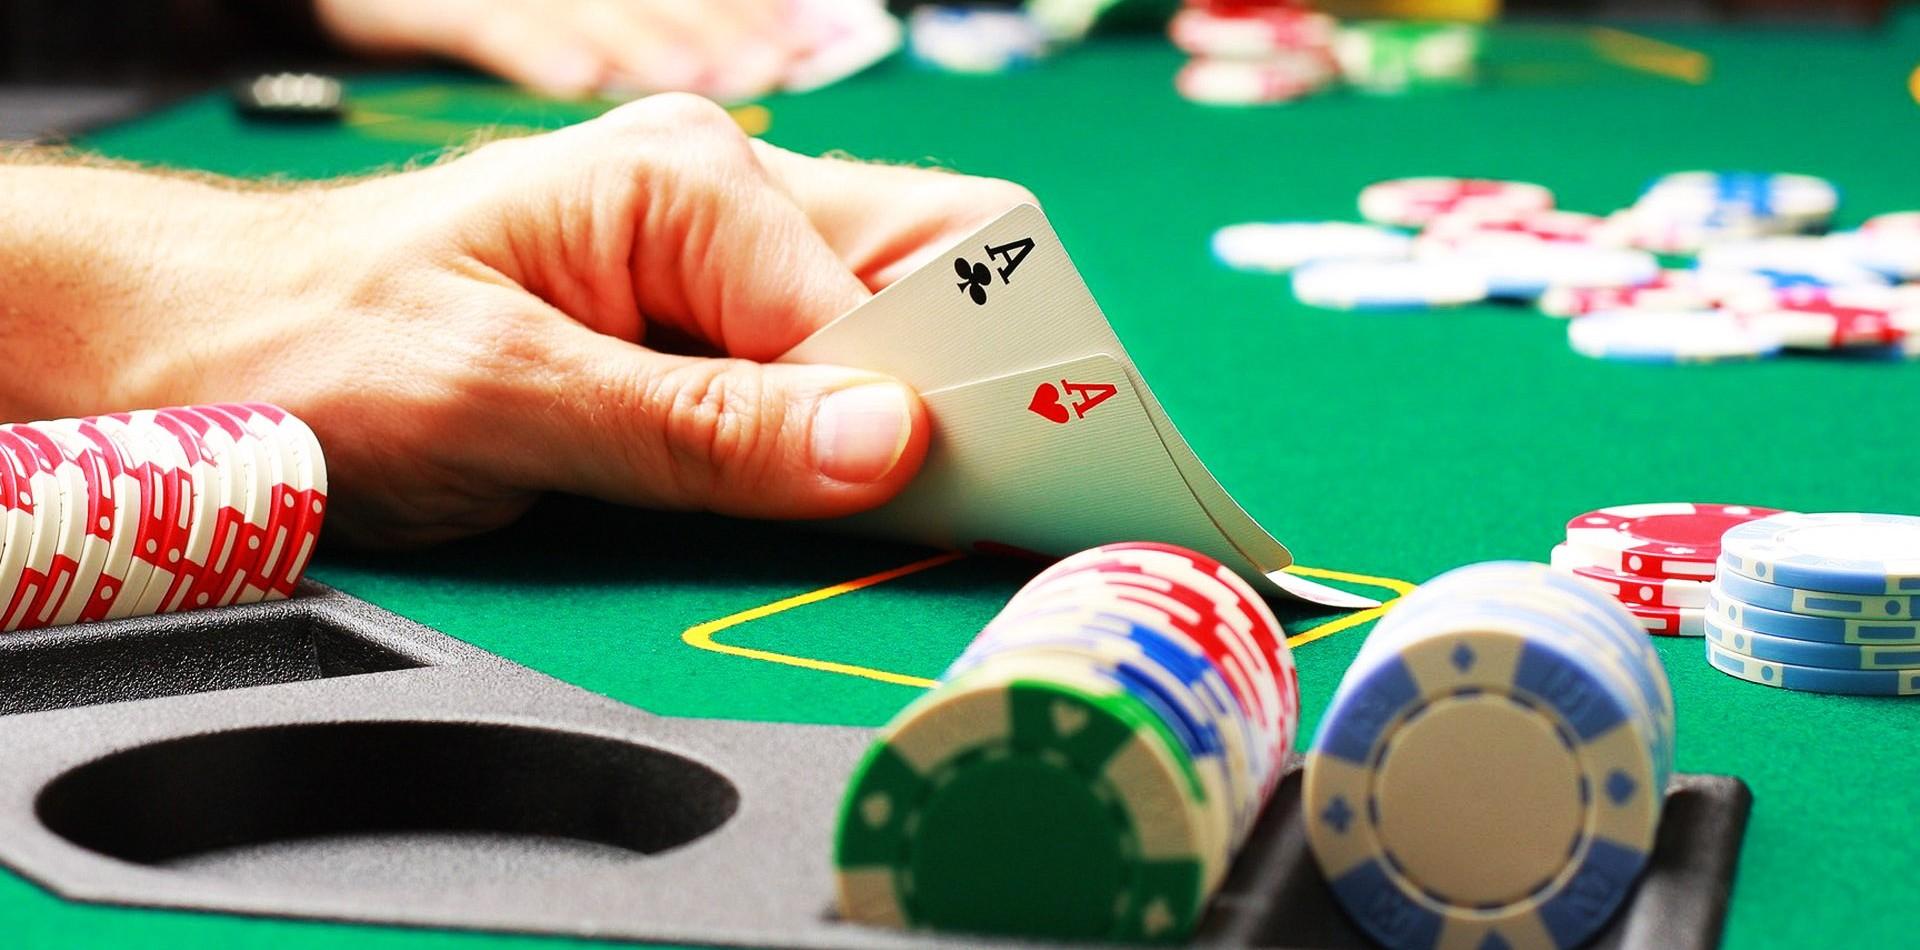 Cara pintar menggunakan poker uang online asli tanpa modal